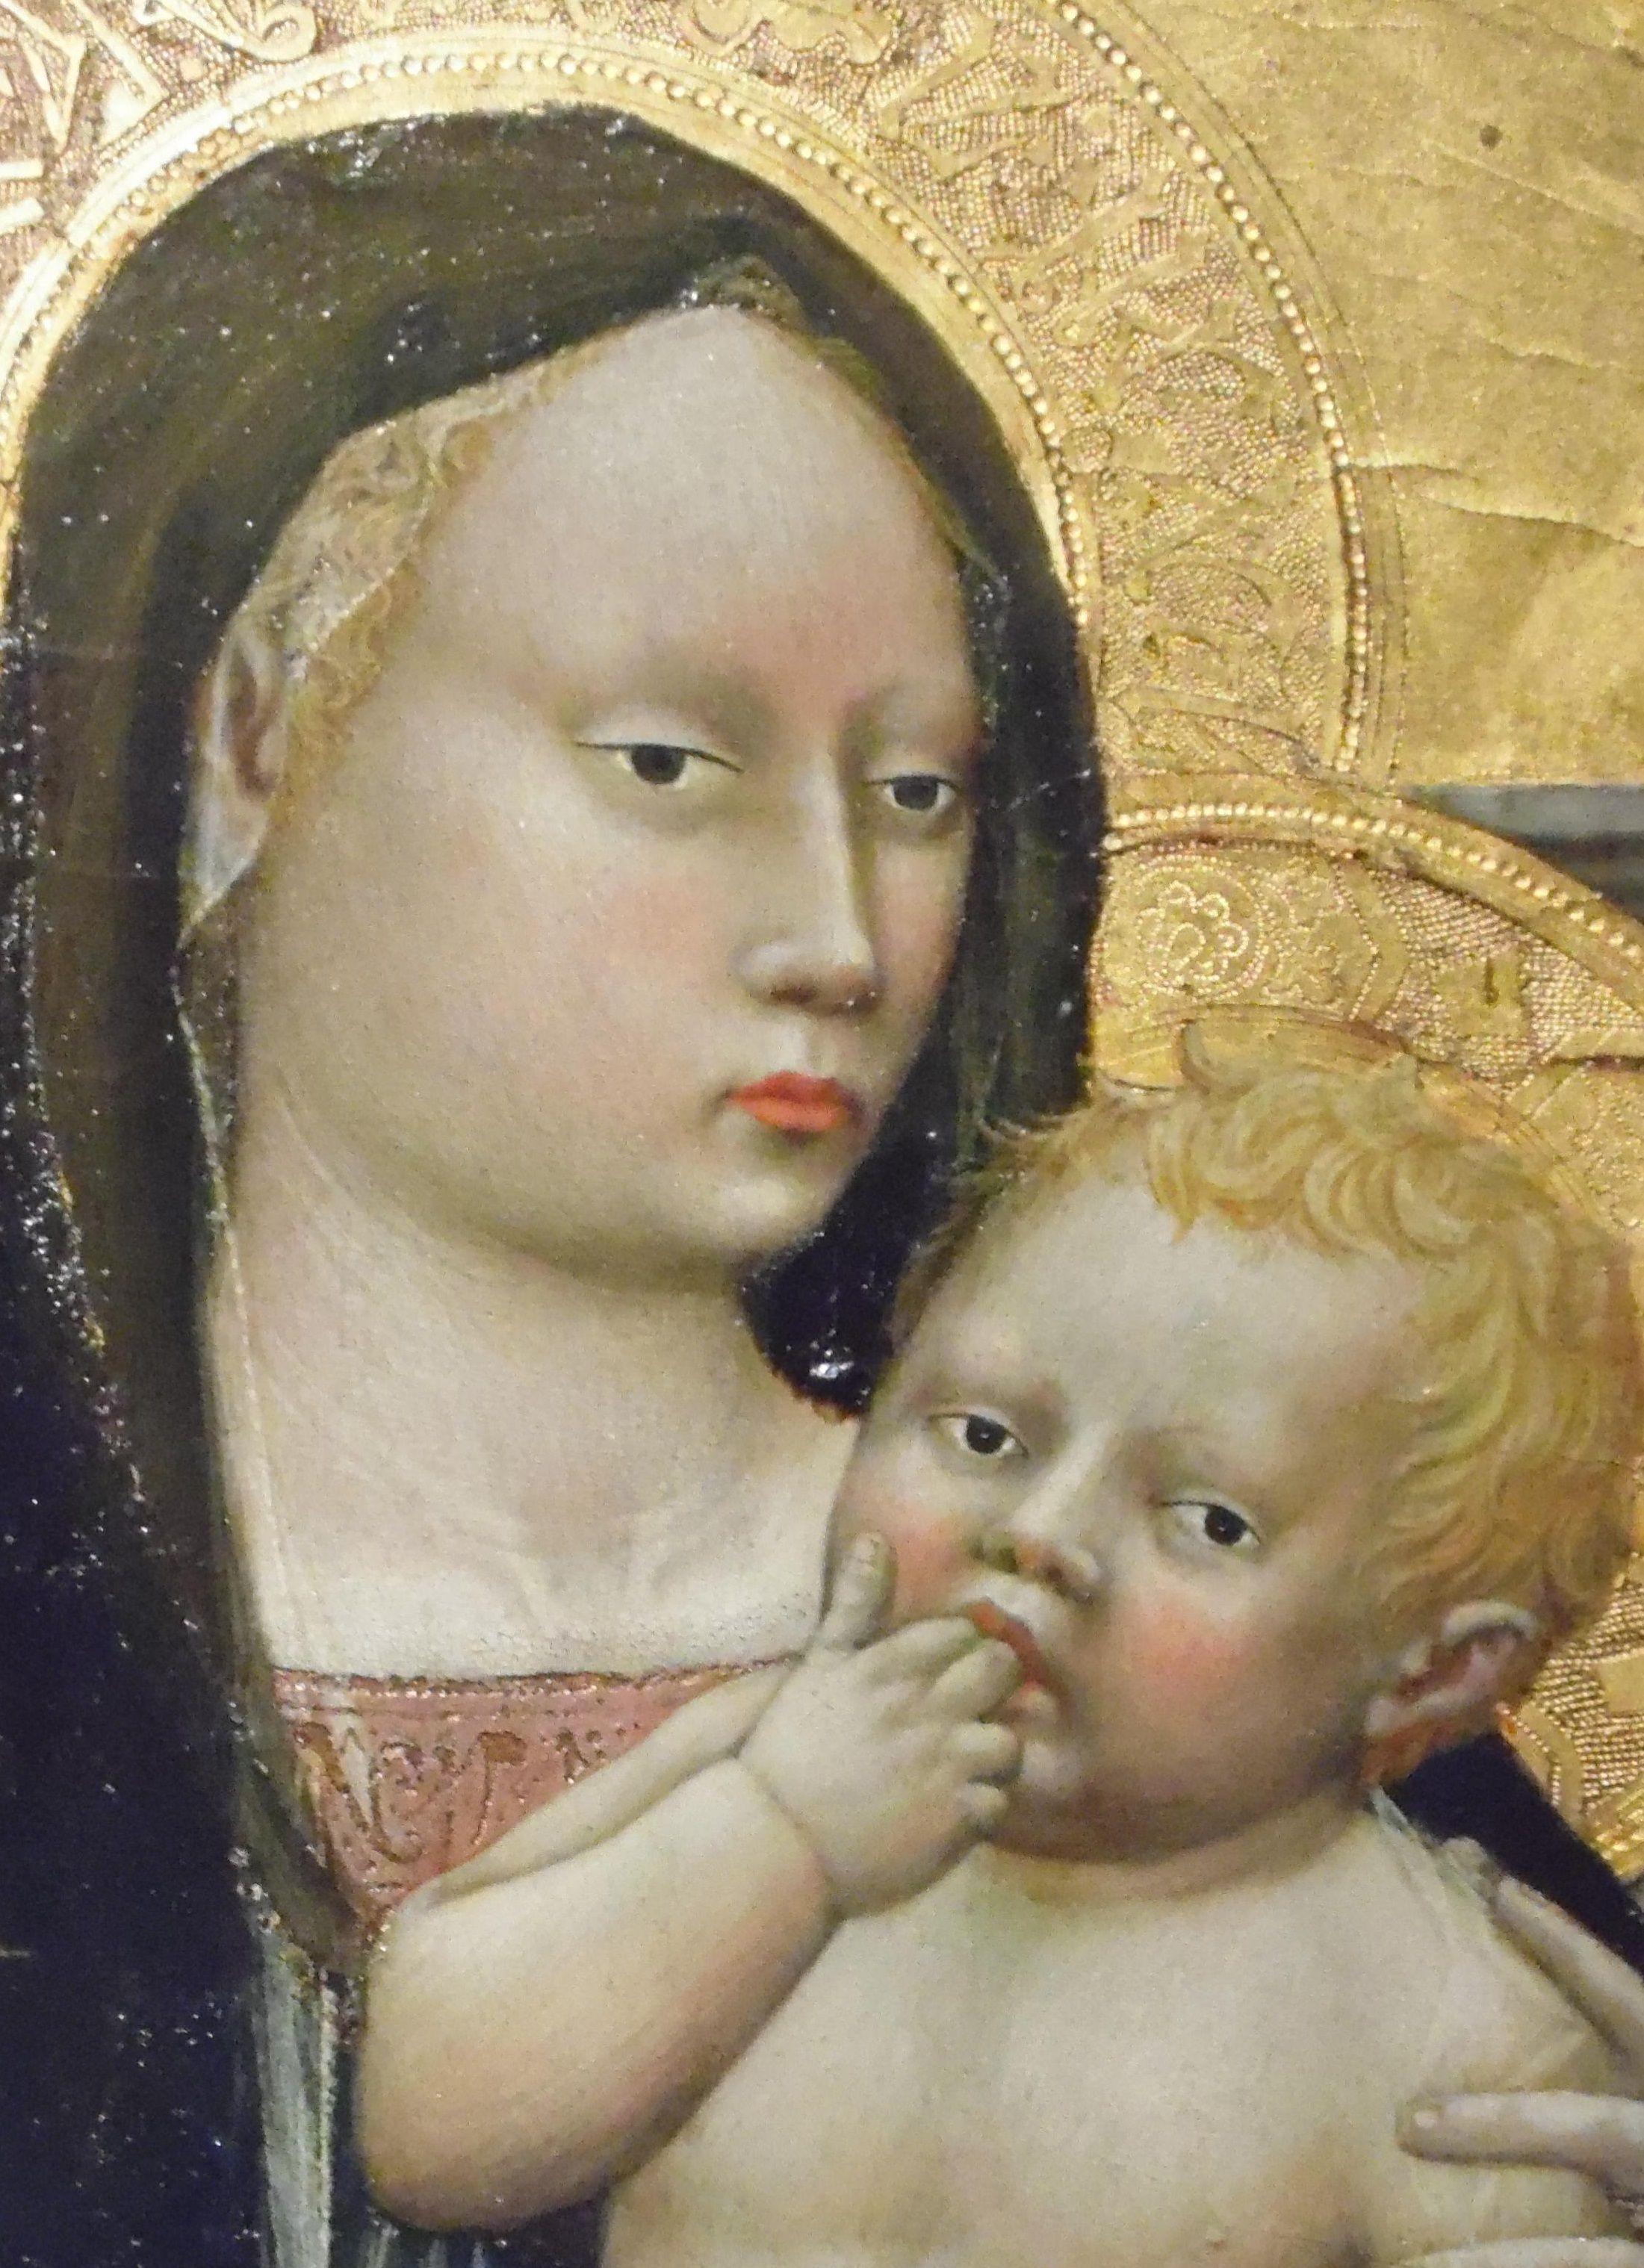 The Holy Trinity by Masaccio - Visual Arts Encyclopedia